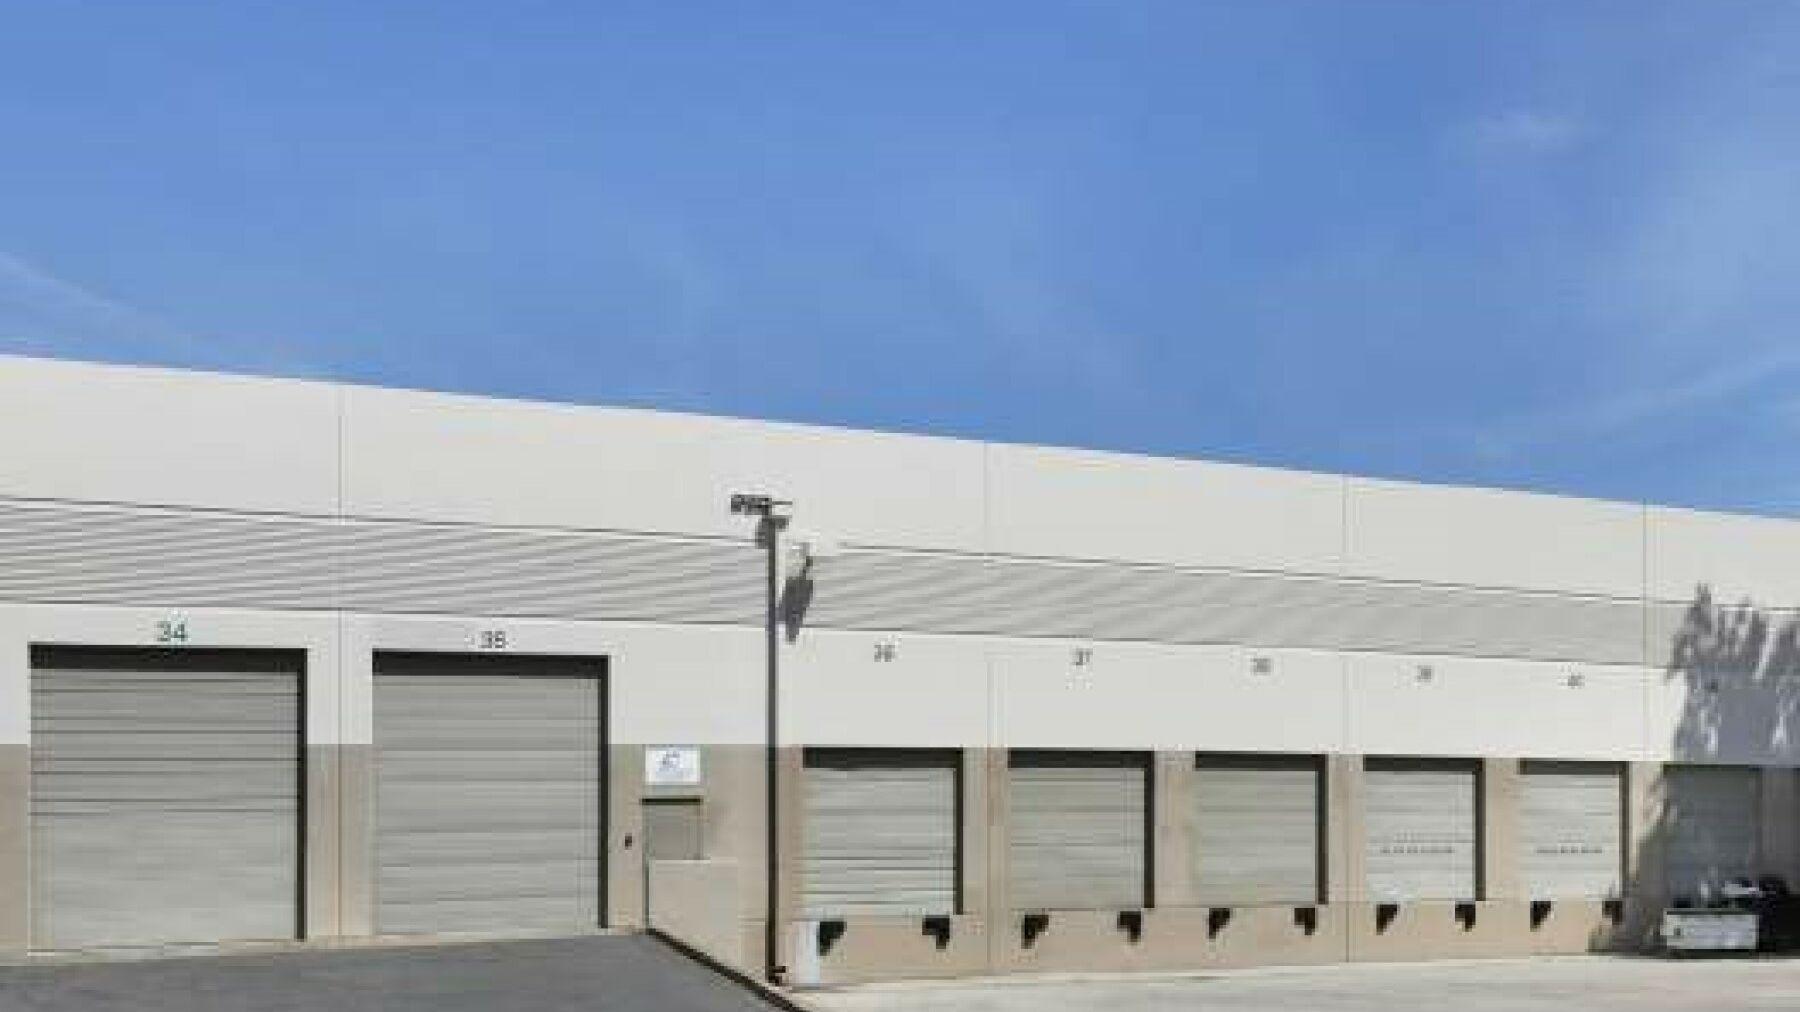 DPM-6078-Stewart-Ave-Fremont-10-sba02001-Truck-Court.jpg